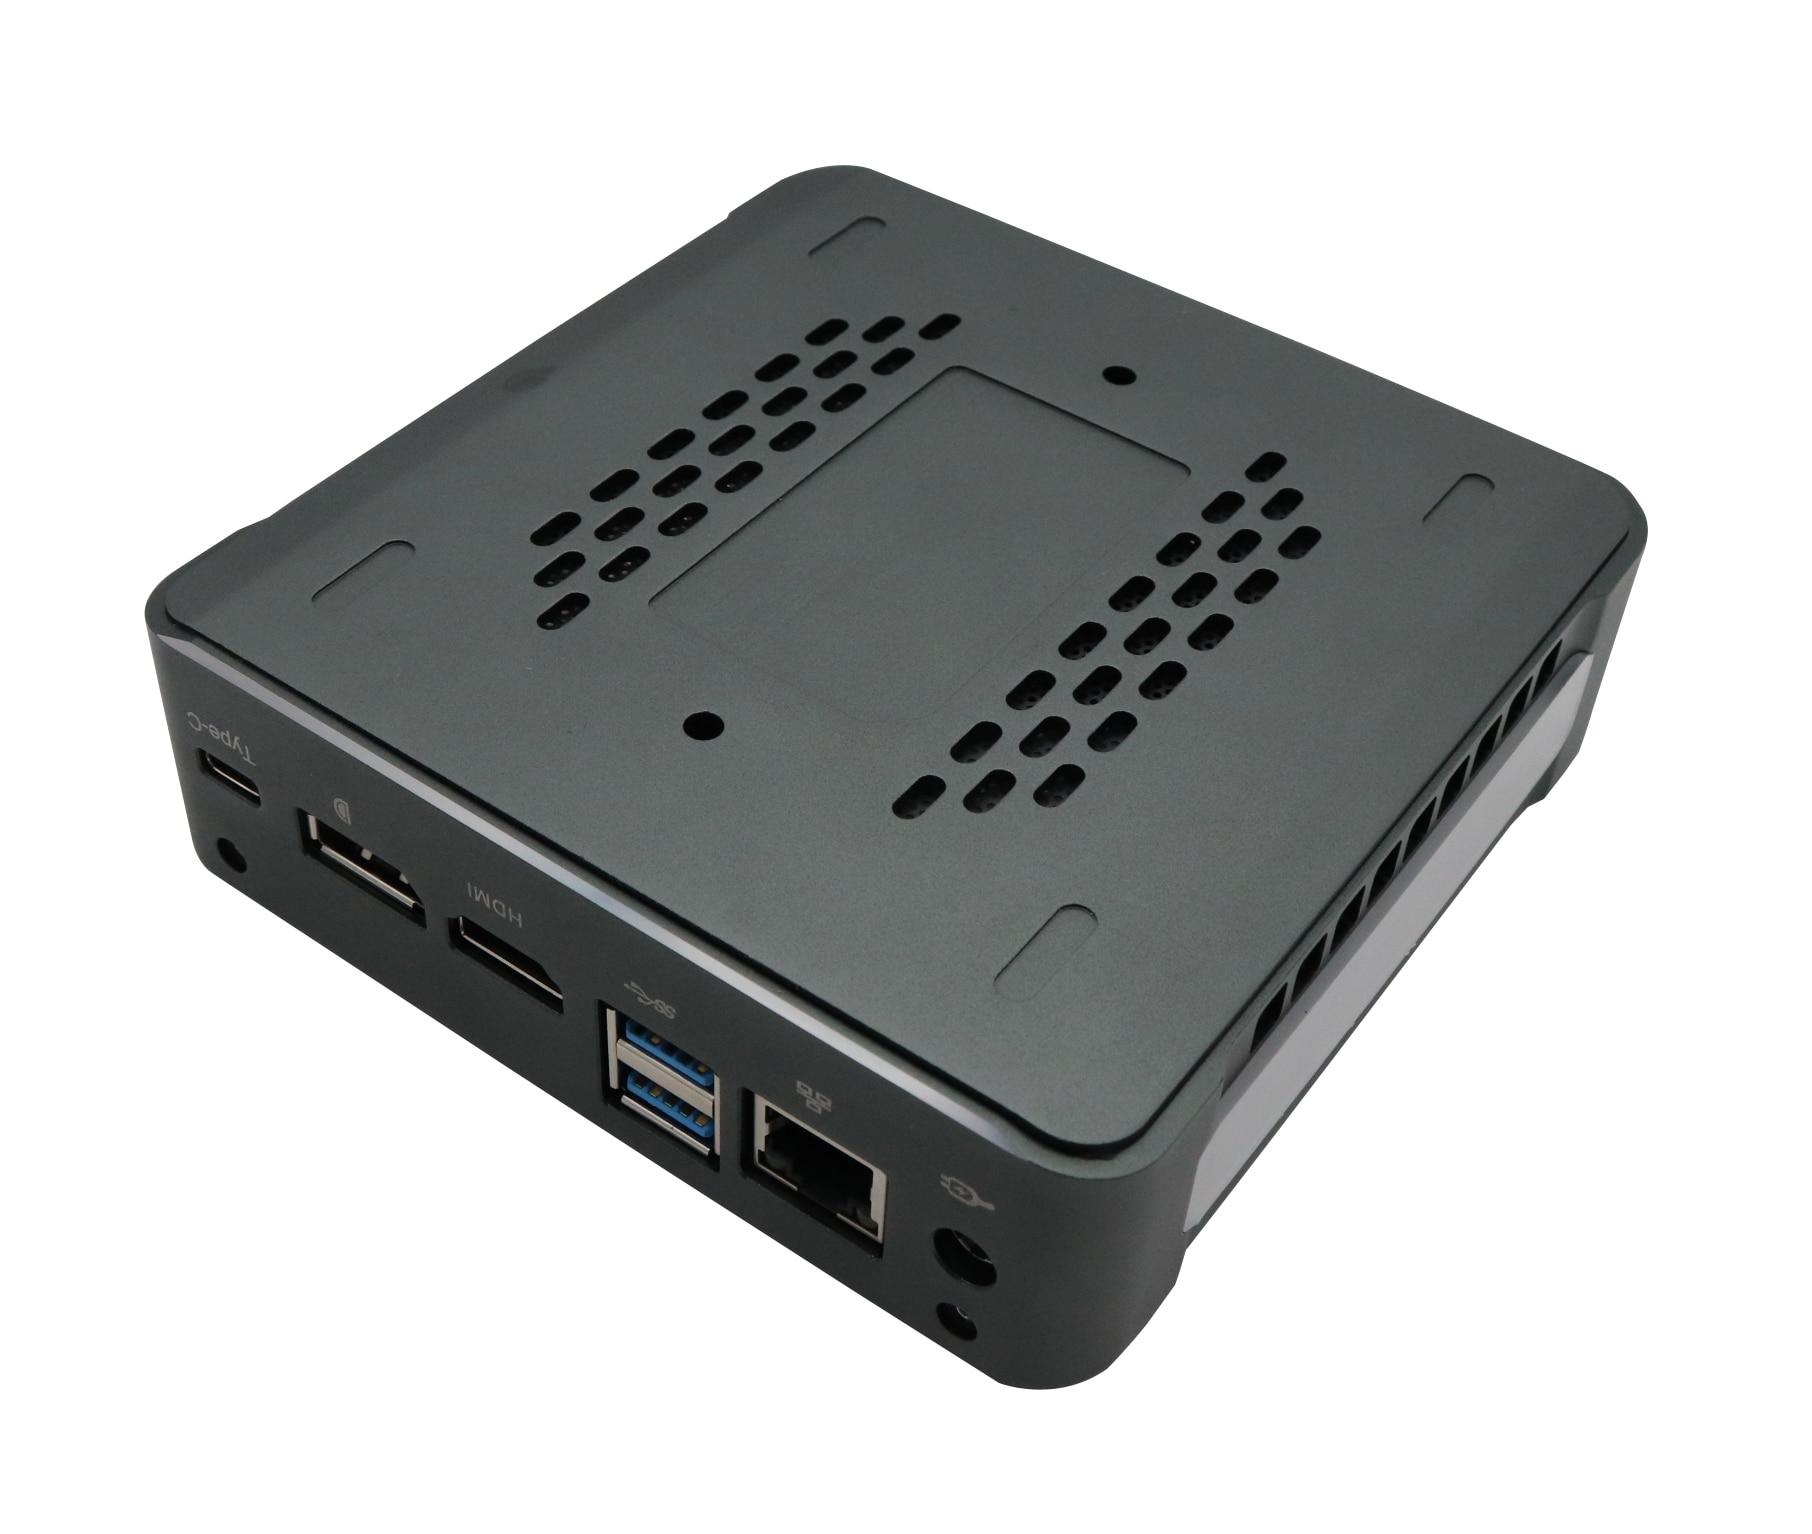 NEW 8Th Gen Intel Core i7 8565U 64GB RAM DDR4 NVME M.2 SSD Nuc Mini PC Windows 10 Pro AC Wifi 4K HTPC HDMI Type-c  Desktops